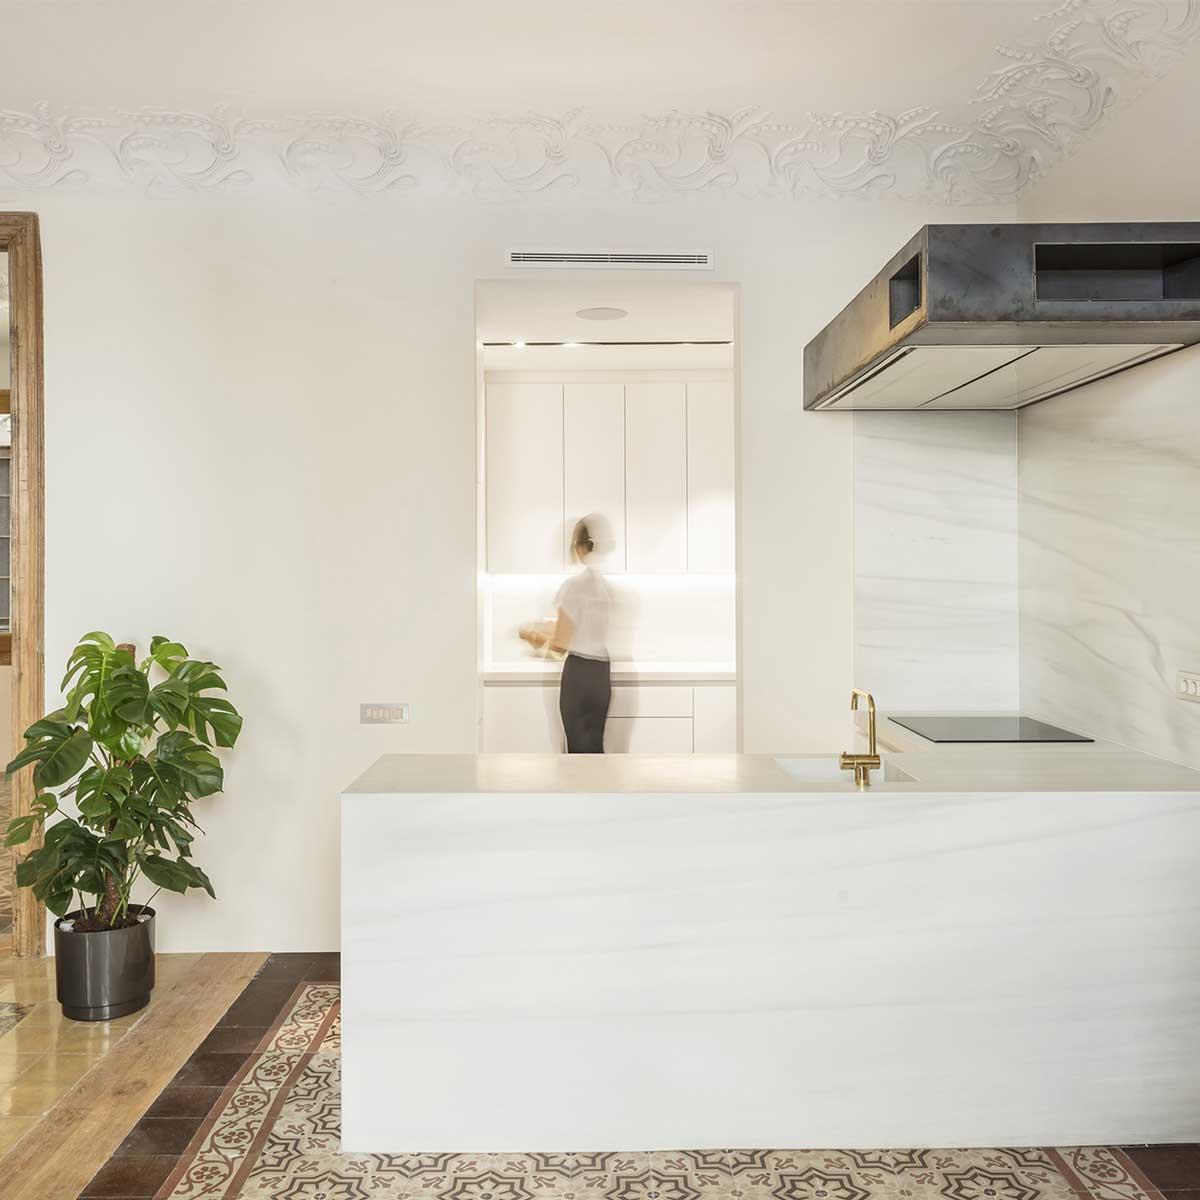 cucina appartamento d'epoca ristrutturato